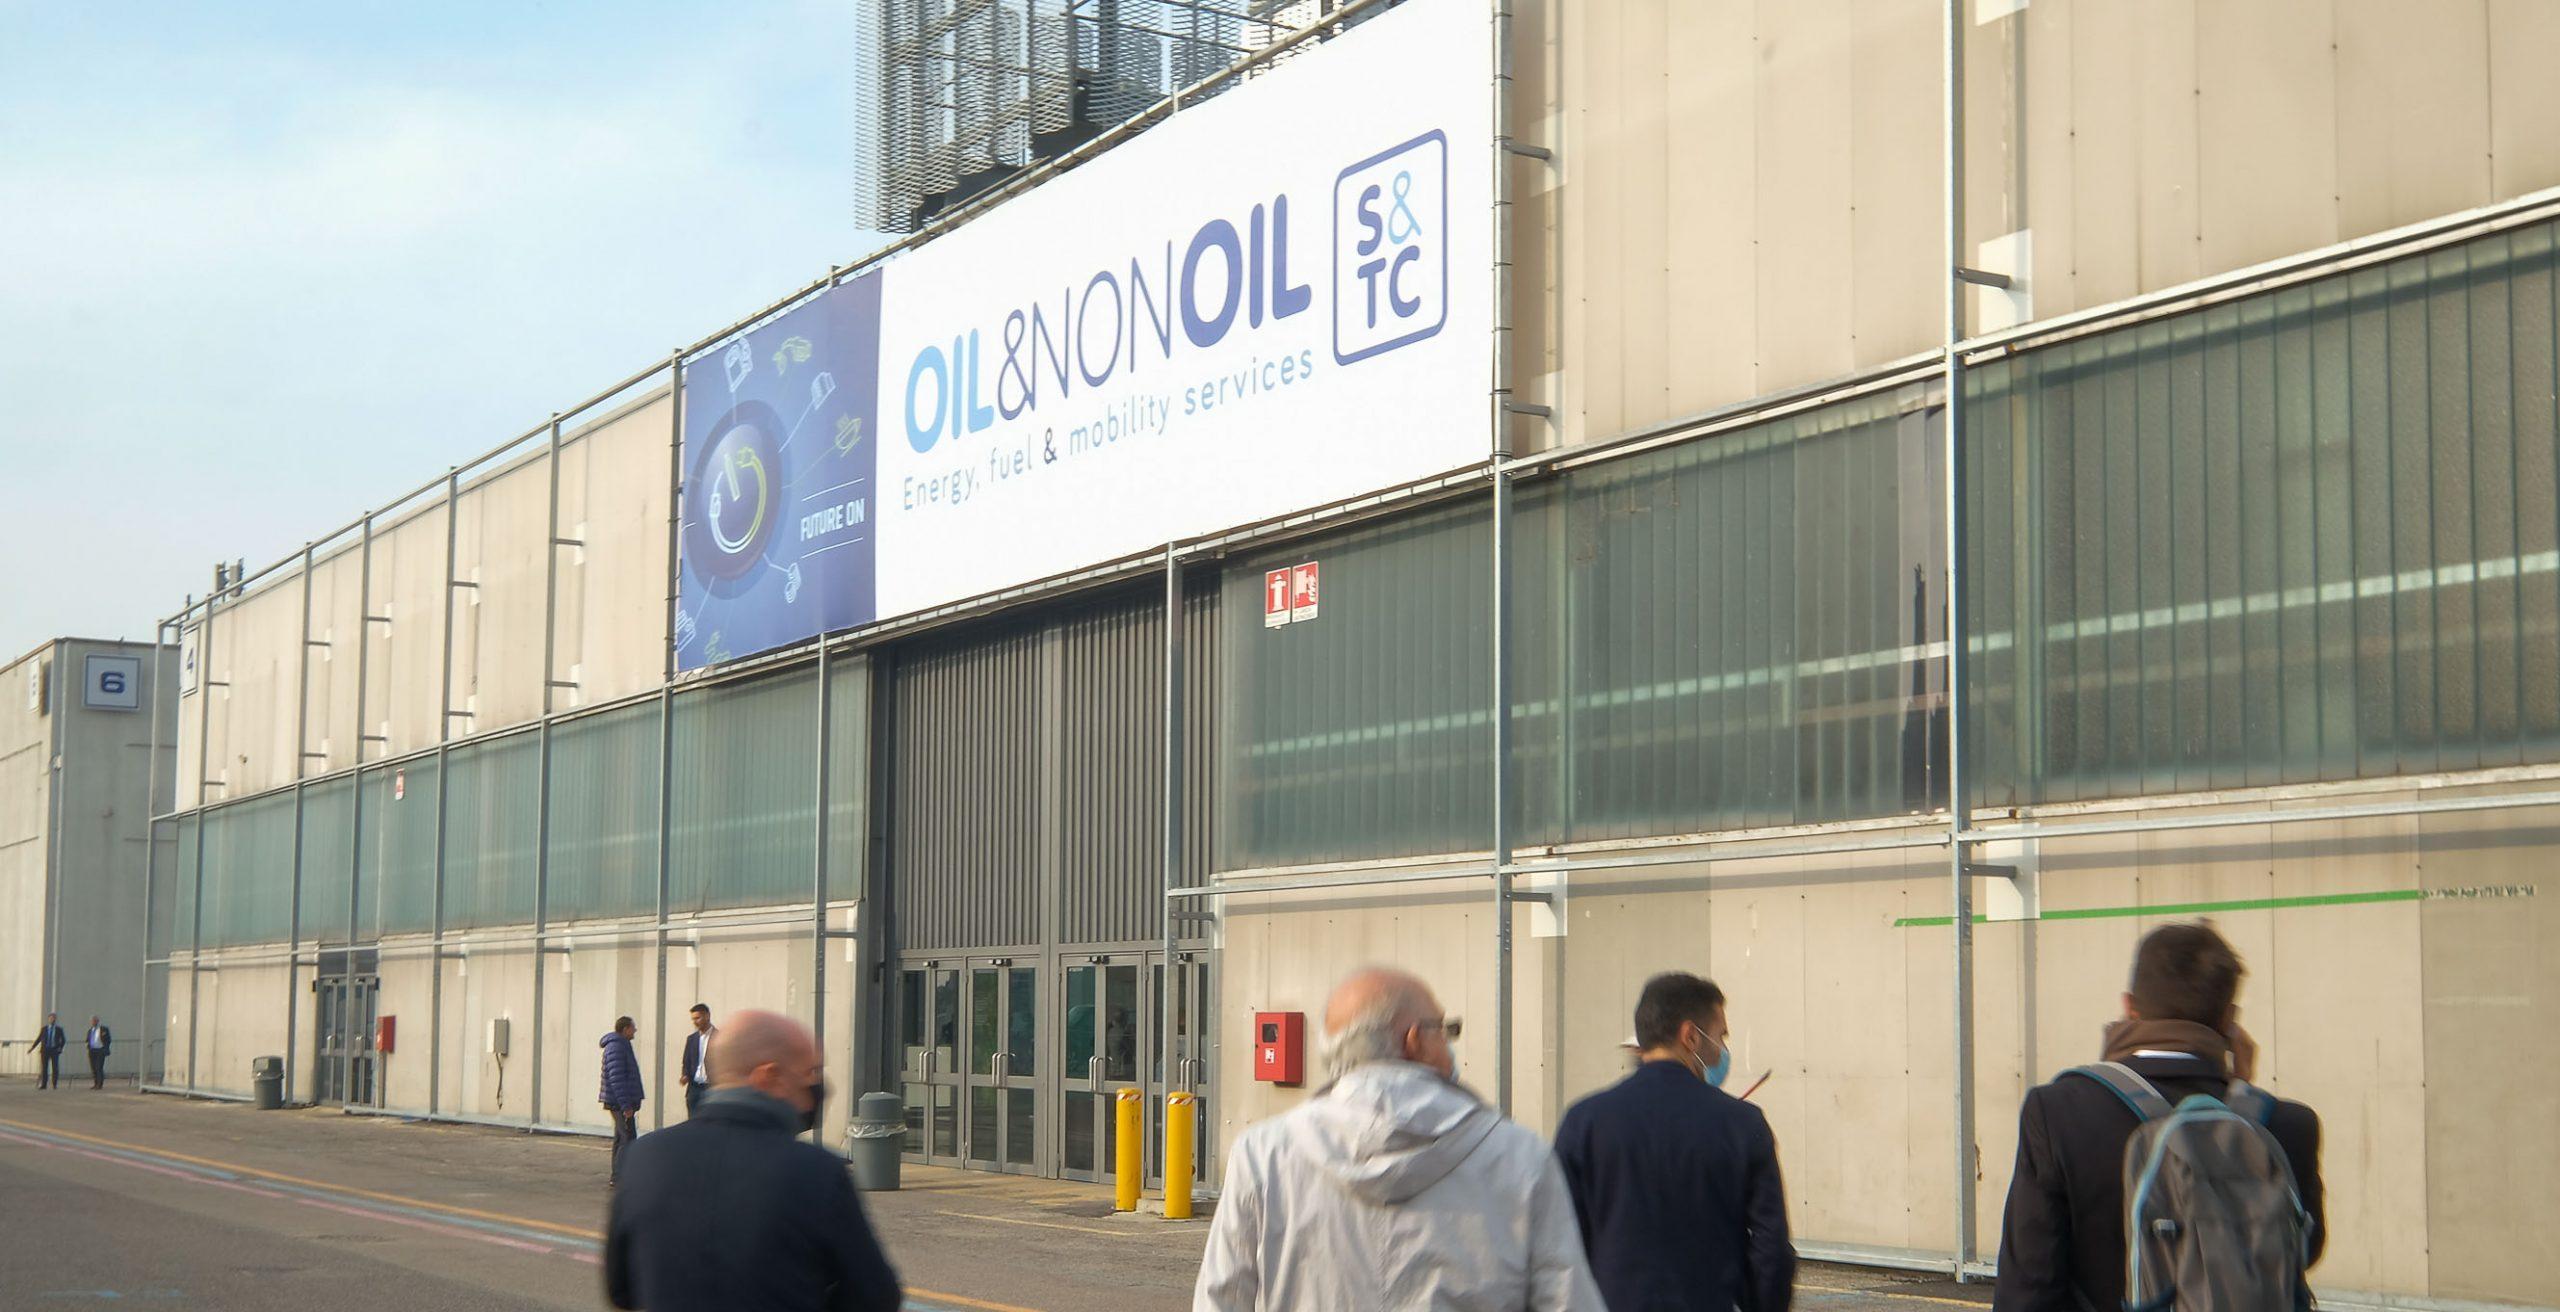 Oil&nonOil Verona, numerose le adesioni anche durante la pausa estiva